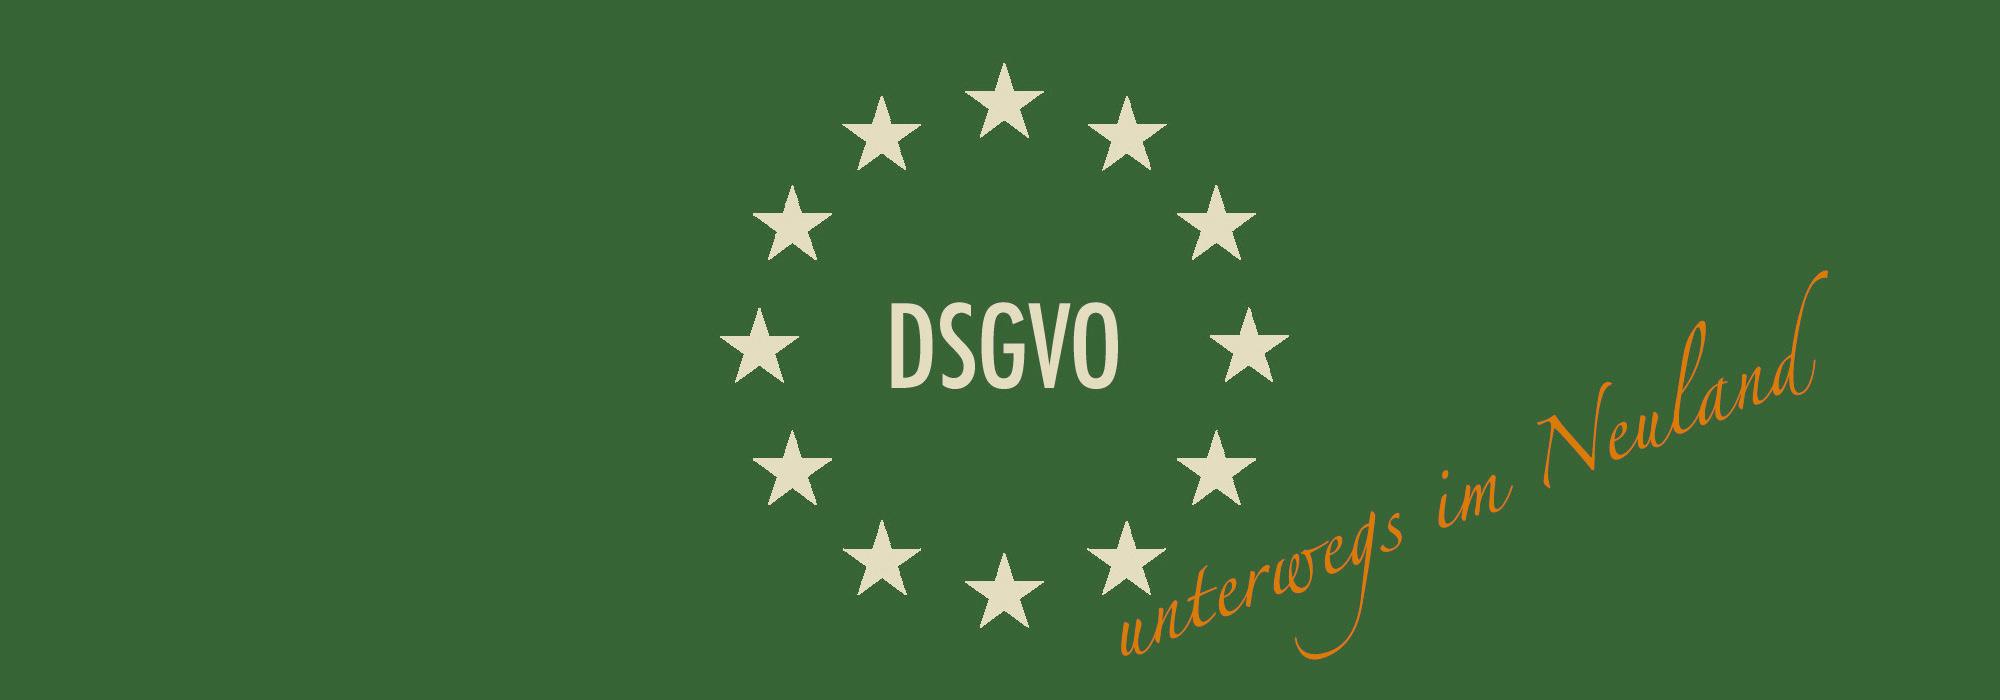 Die DSGVO für die Betreiber kleiner Webseiten – Teil 2 (Unterwegs im Neuland)